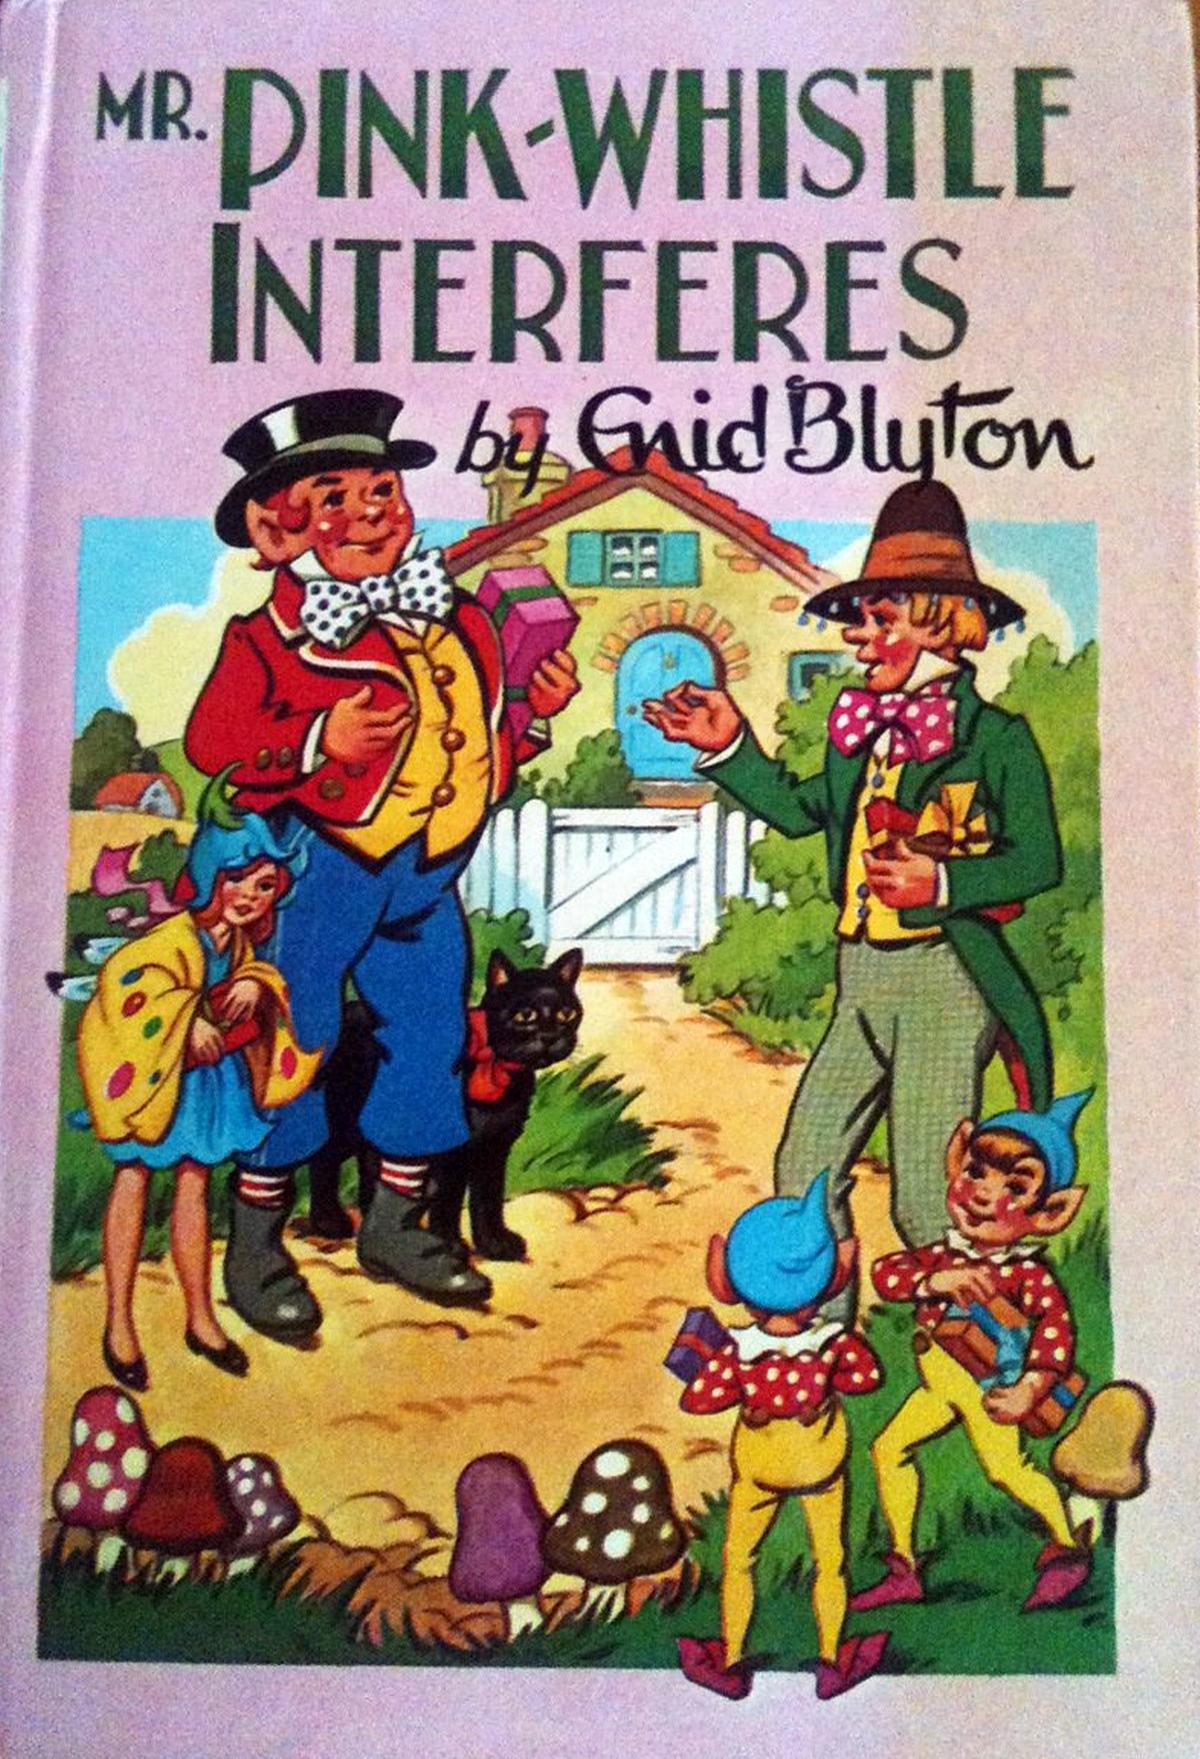 4 13 12 Enid Blyton Books We Loved Reading As Children